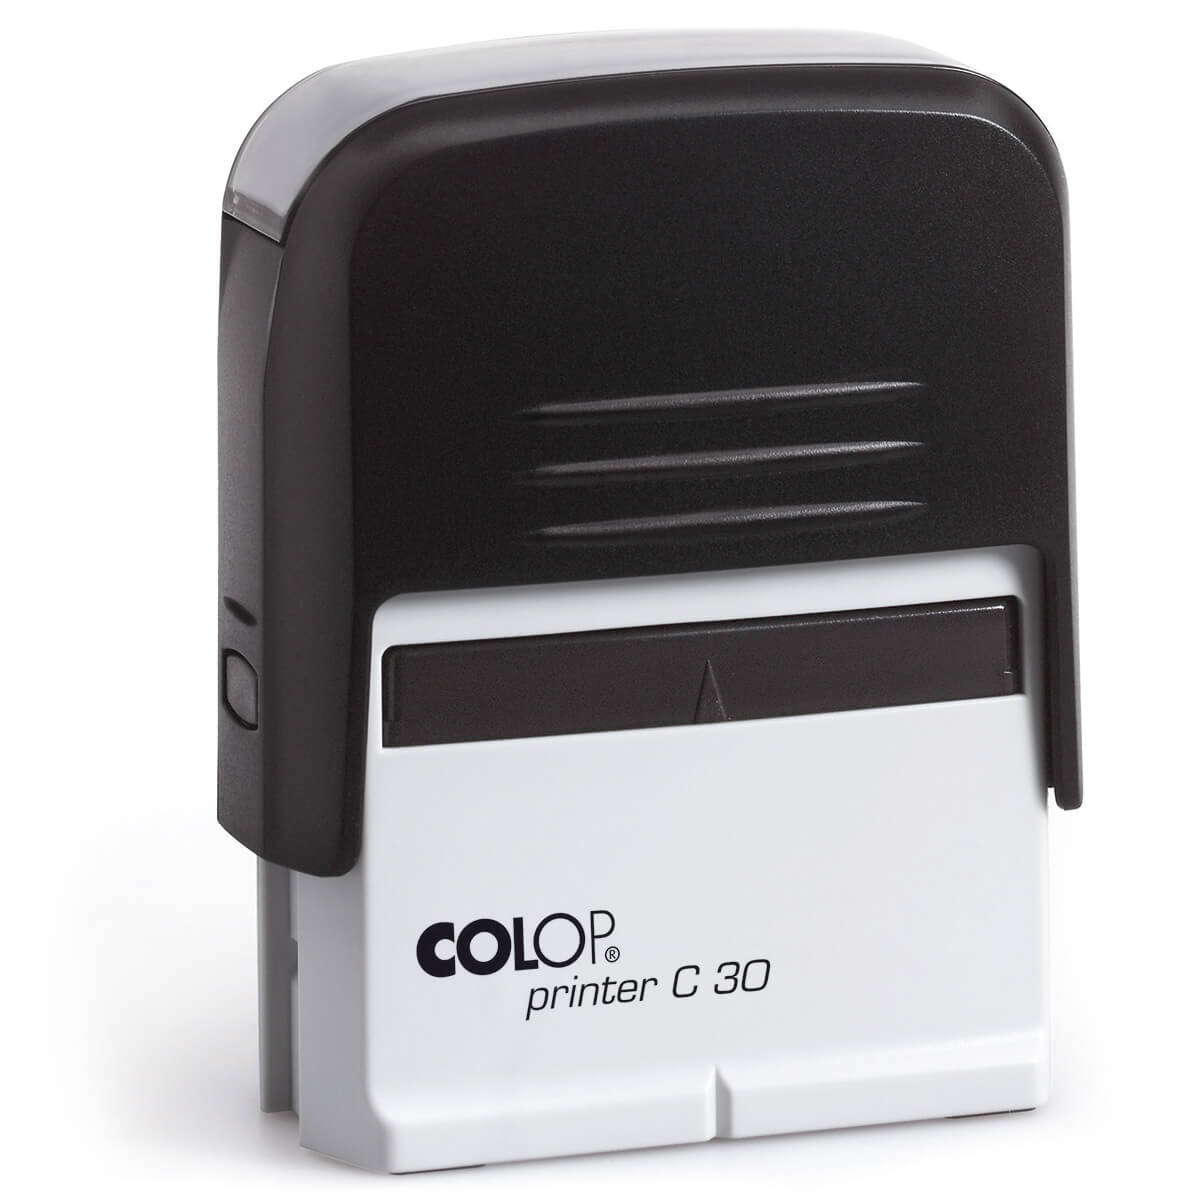 Colop Printer C30